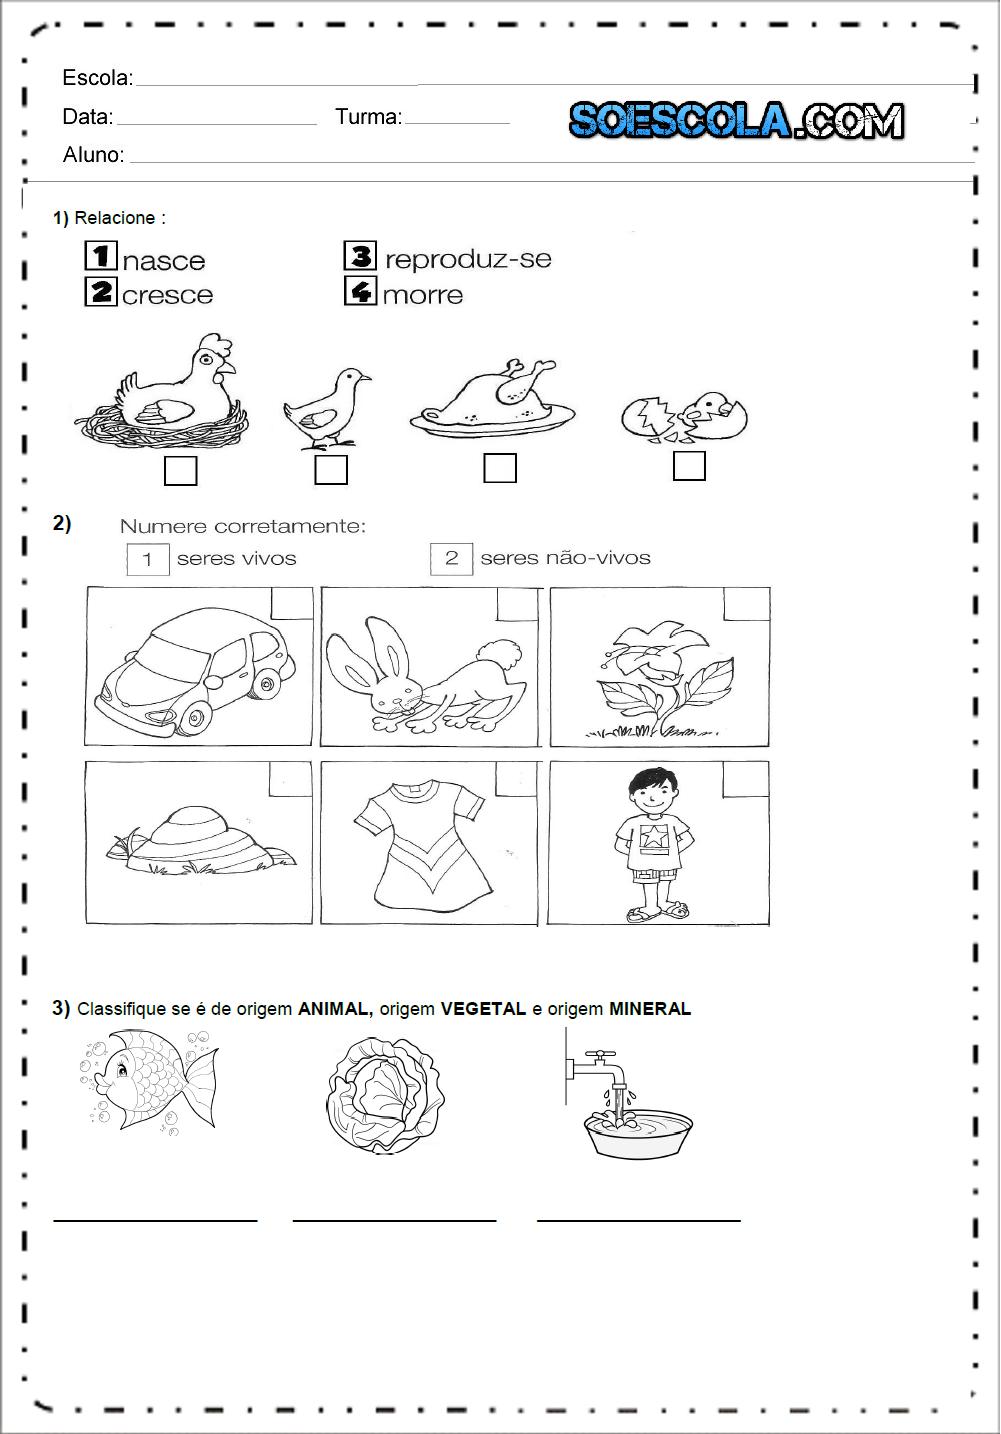 Atividades de Ciências 1 ano - Ensino Fundamental - Para Imprimir.